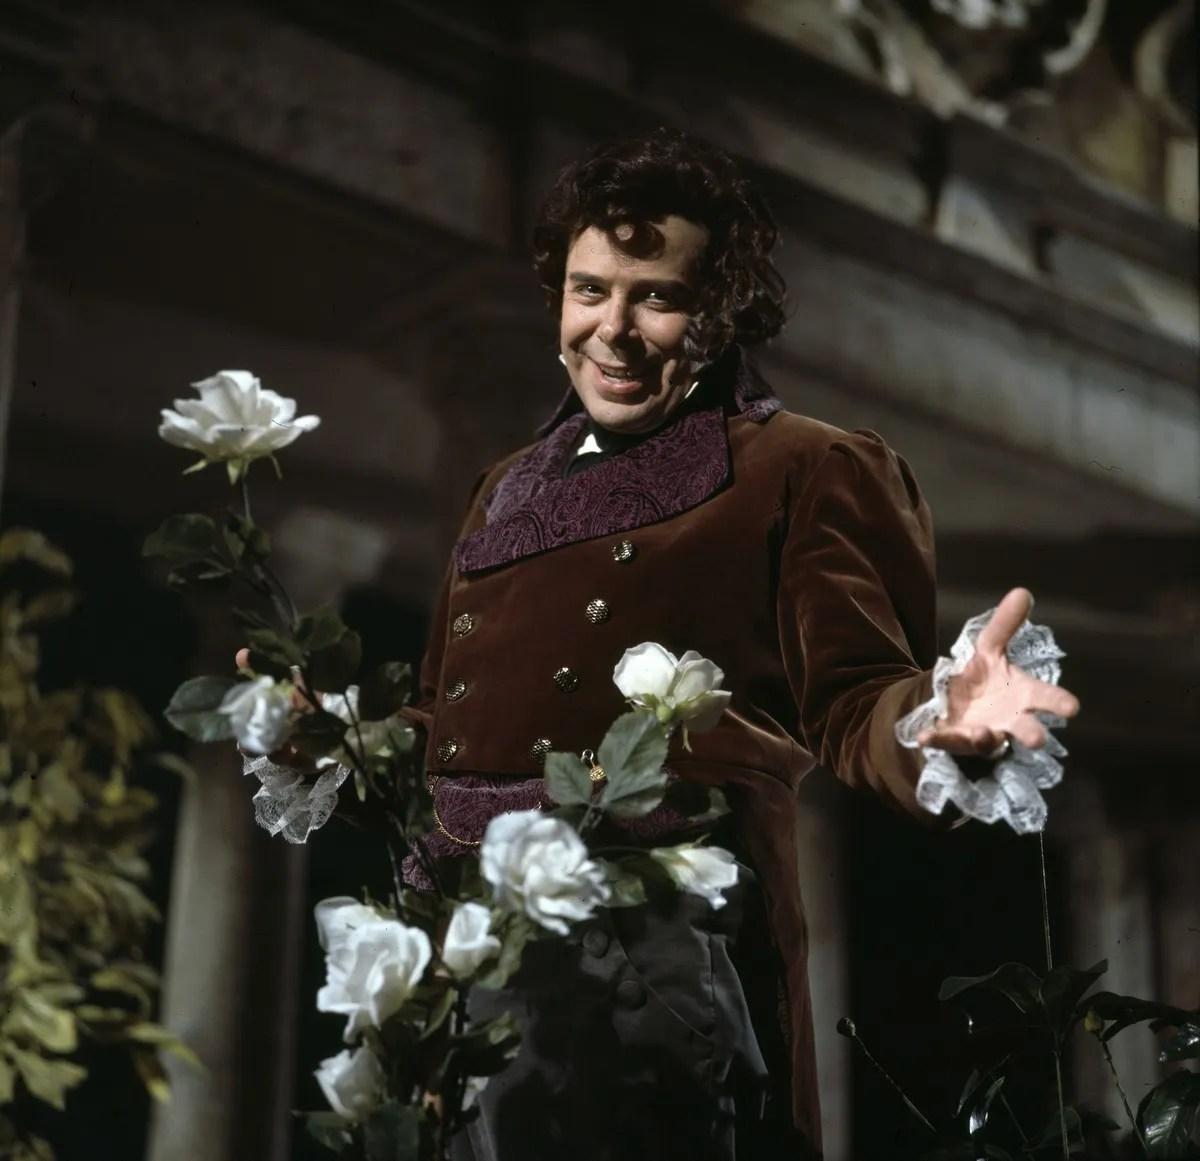 Rolando Panerai in 1973 in Don Pasquale, photo by Erio Piccagliani